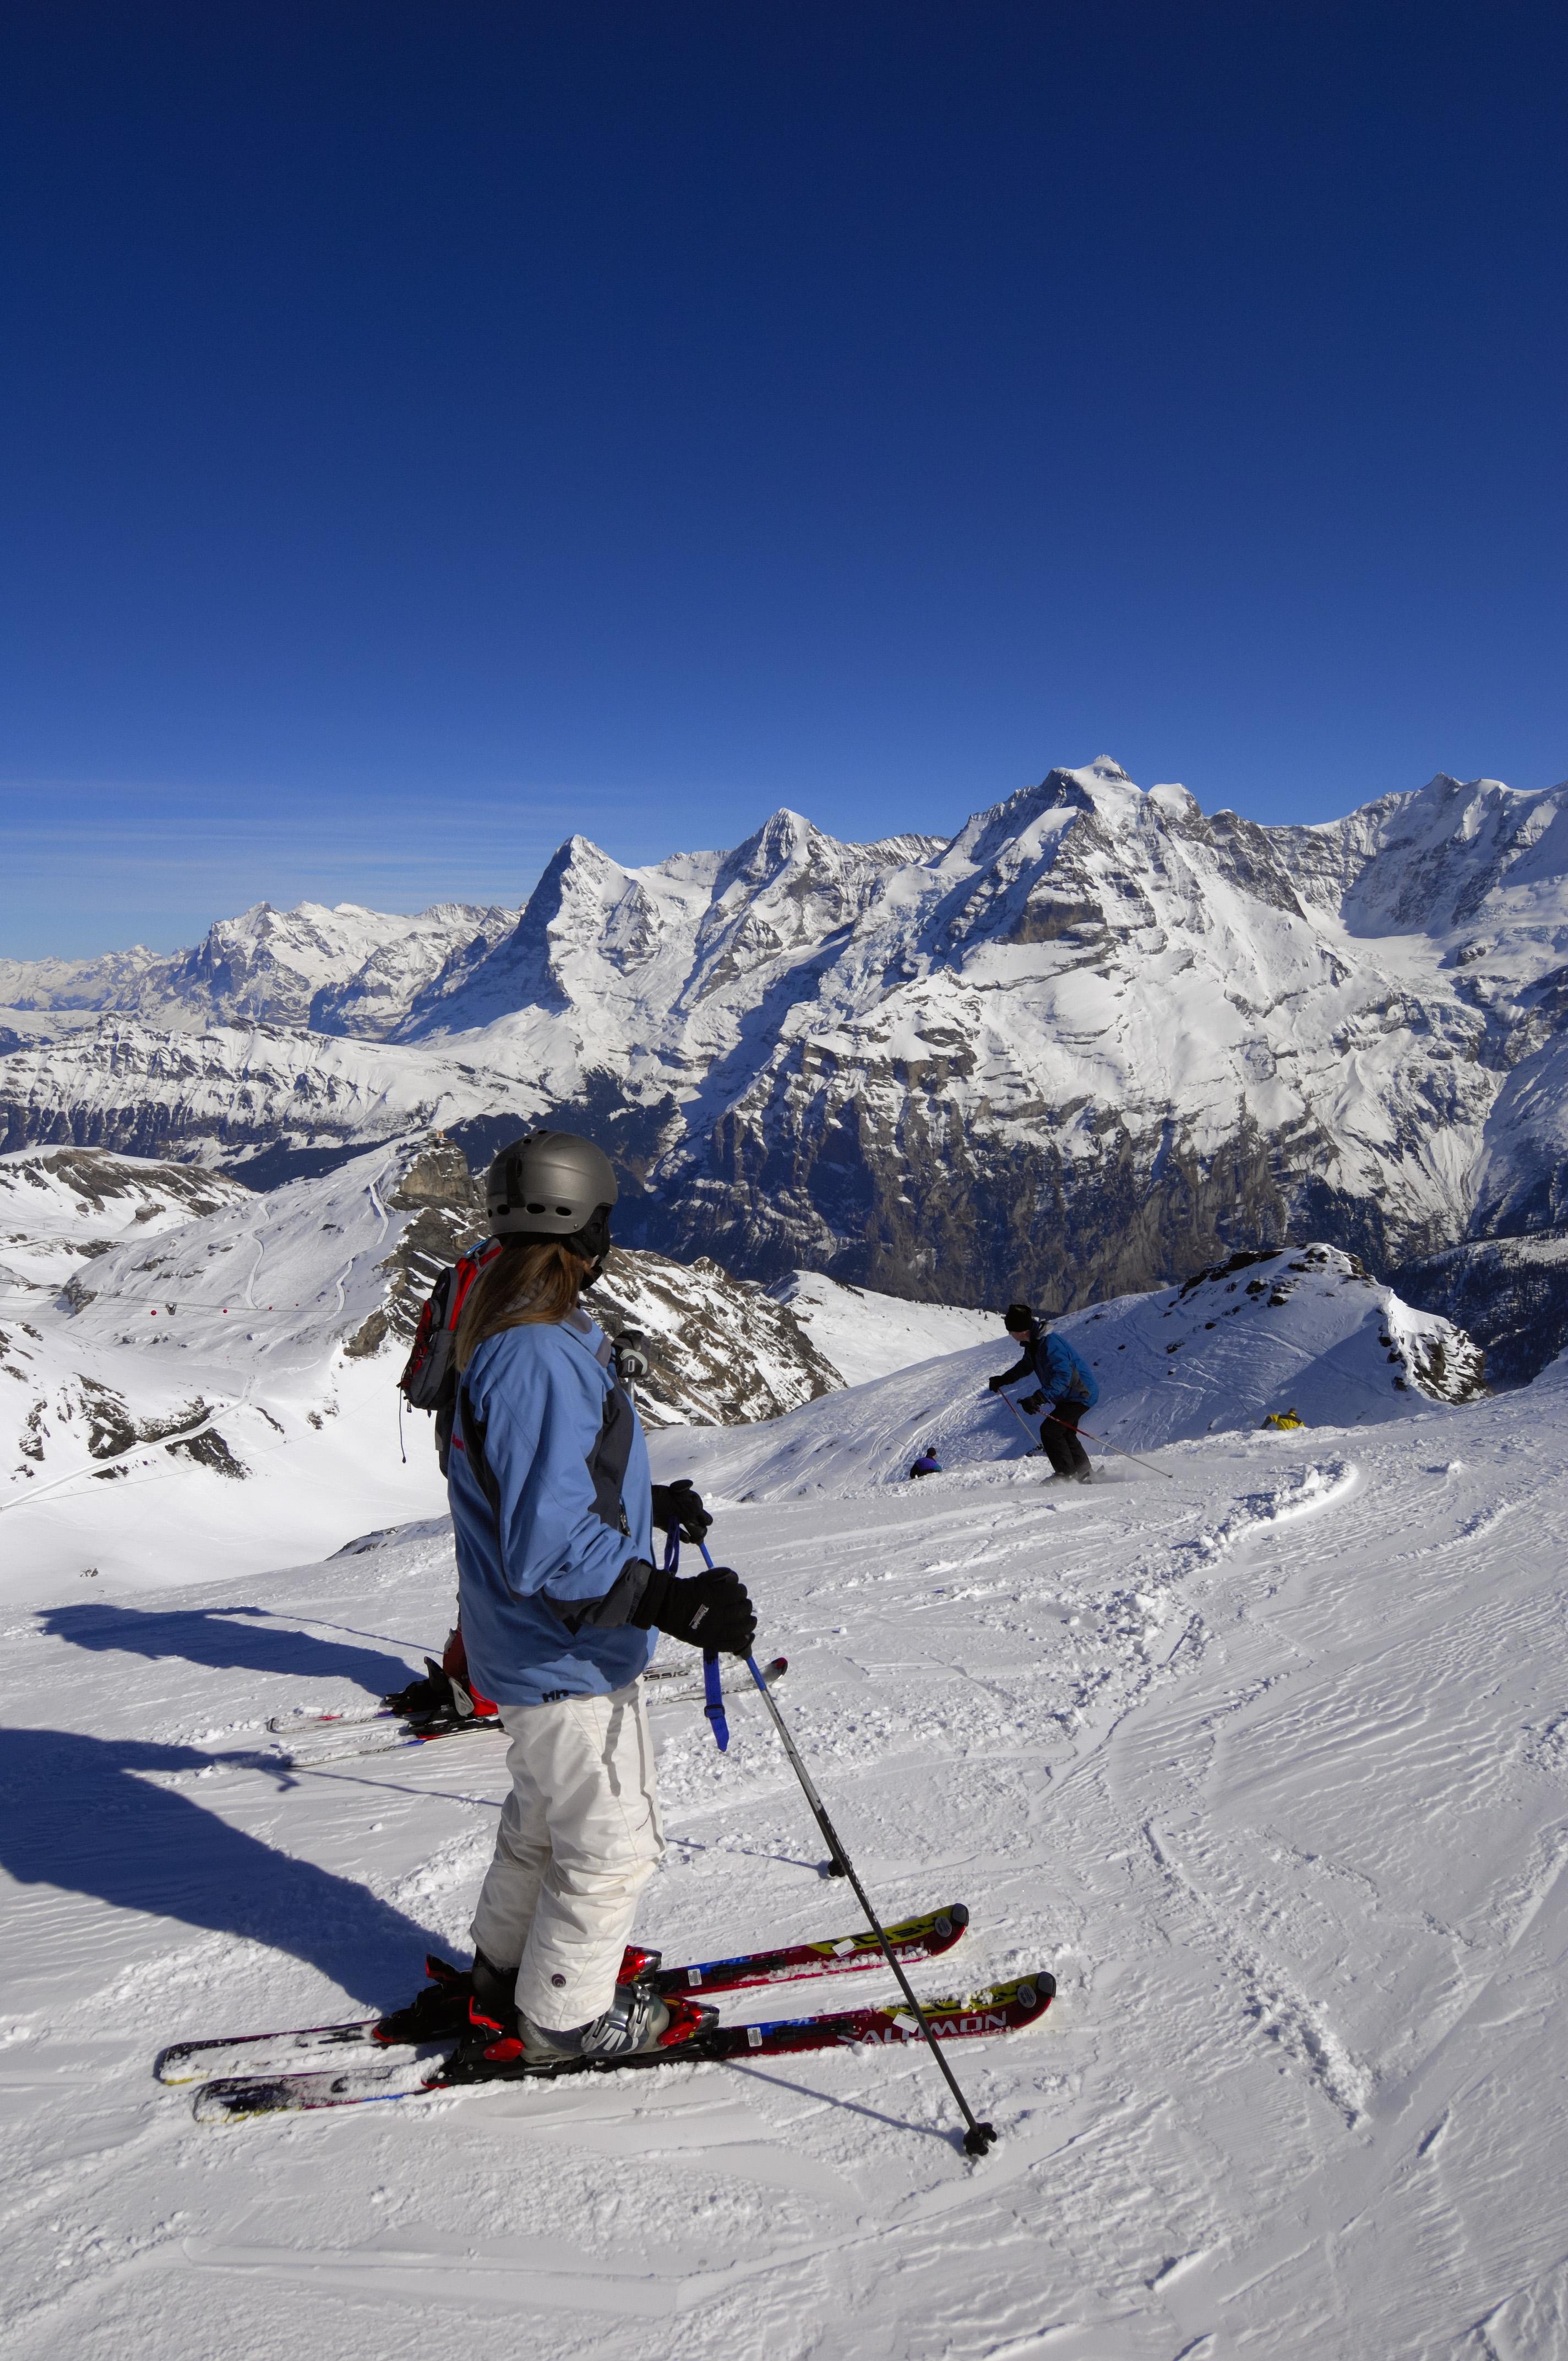 Skiing-Mirren-Schilthorn